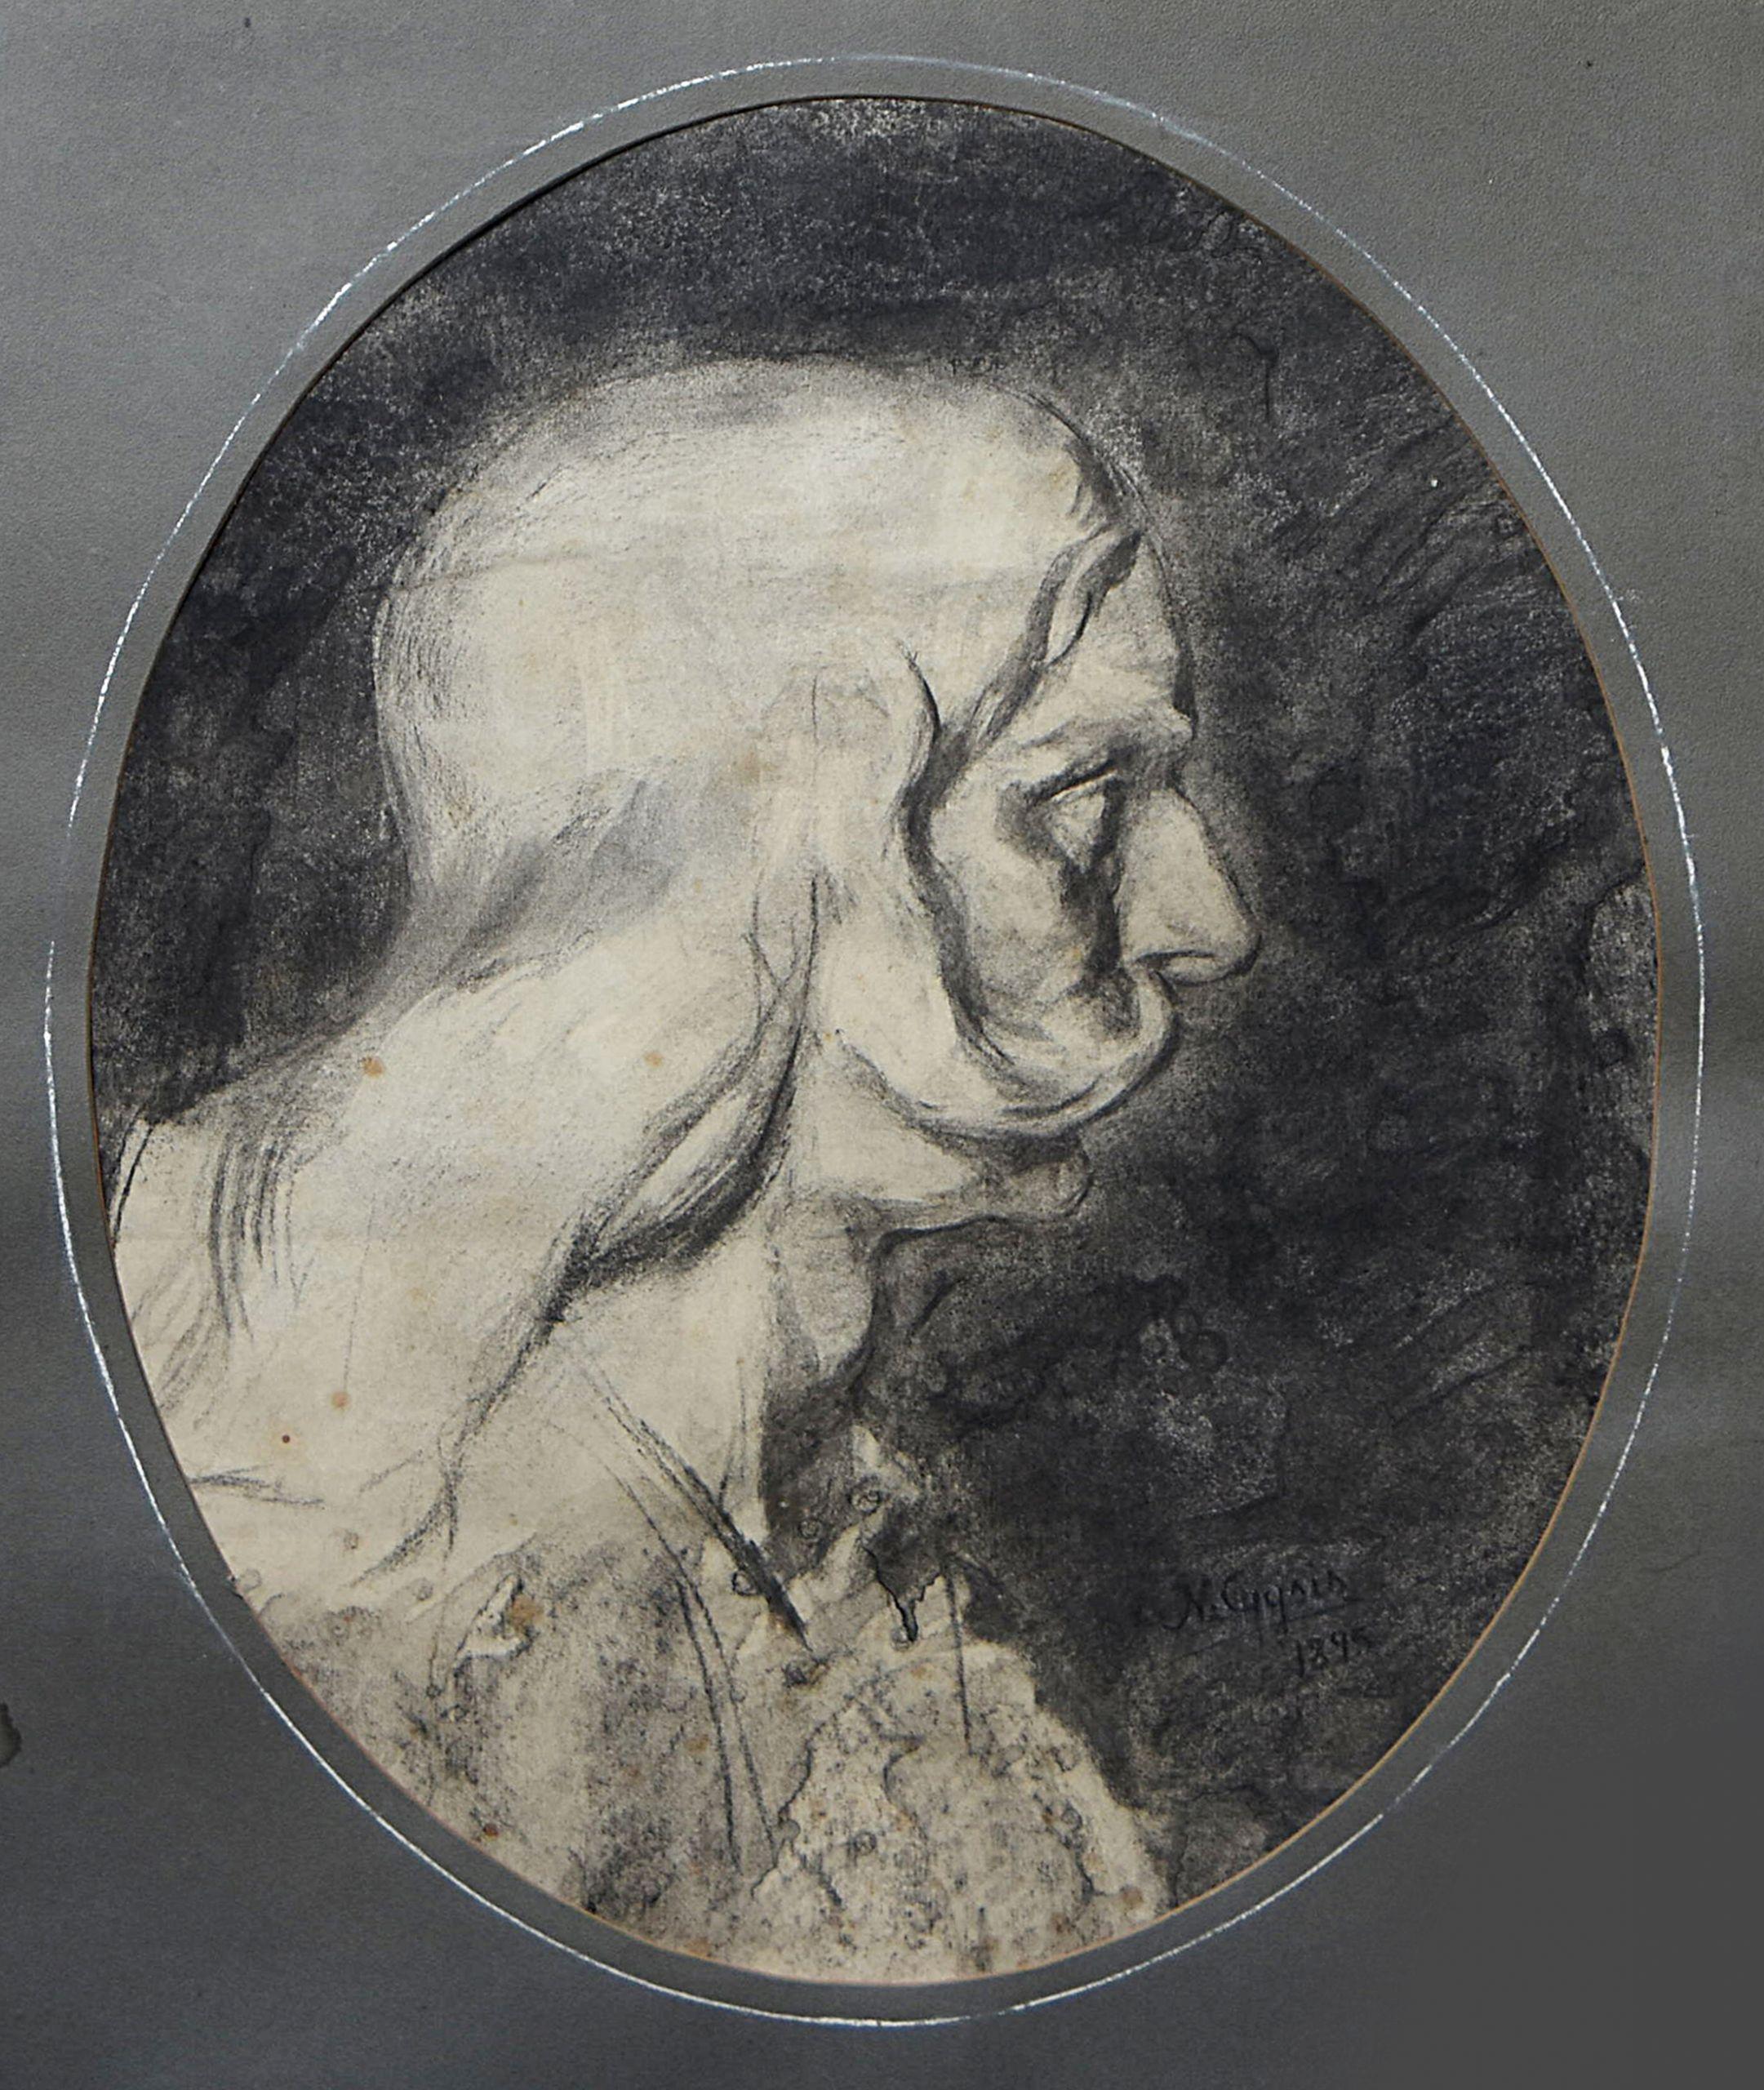 12. ΓΥΖΗΣ Νικόλαος (1842-1901)